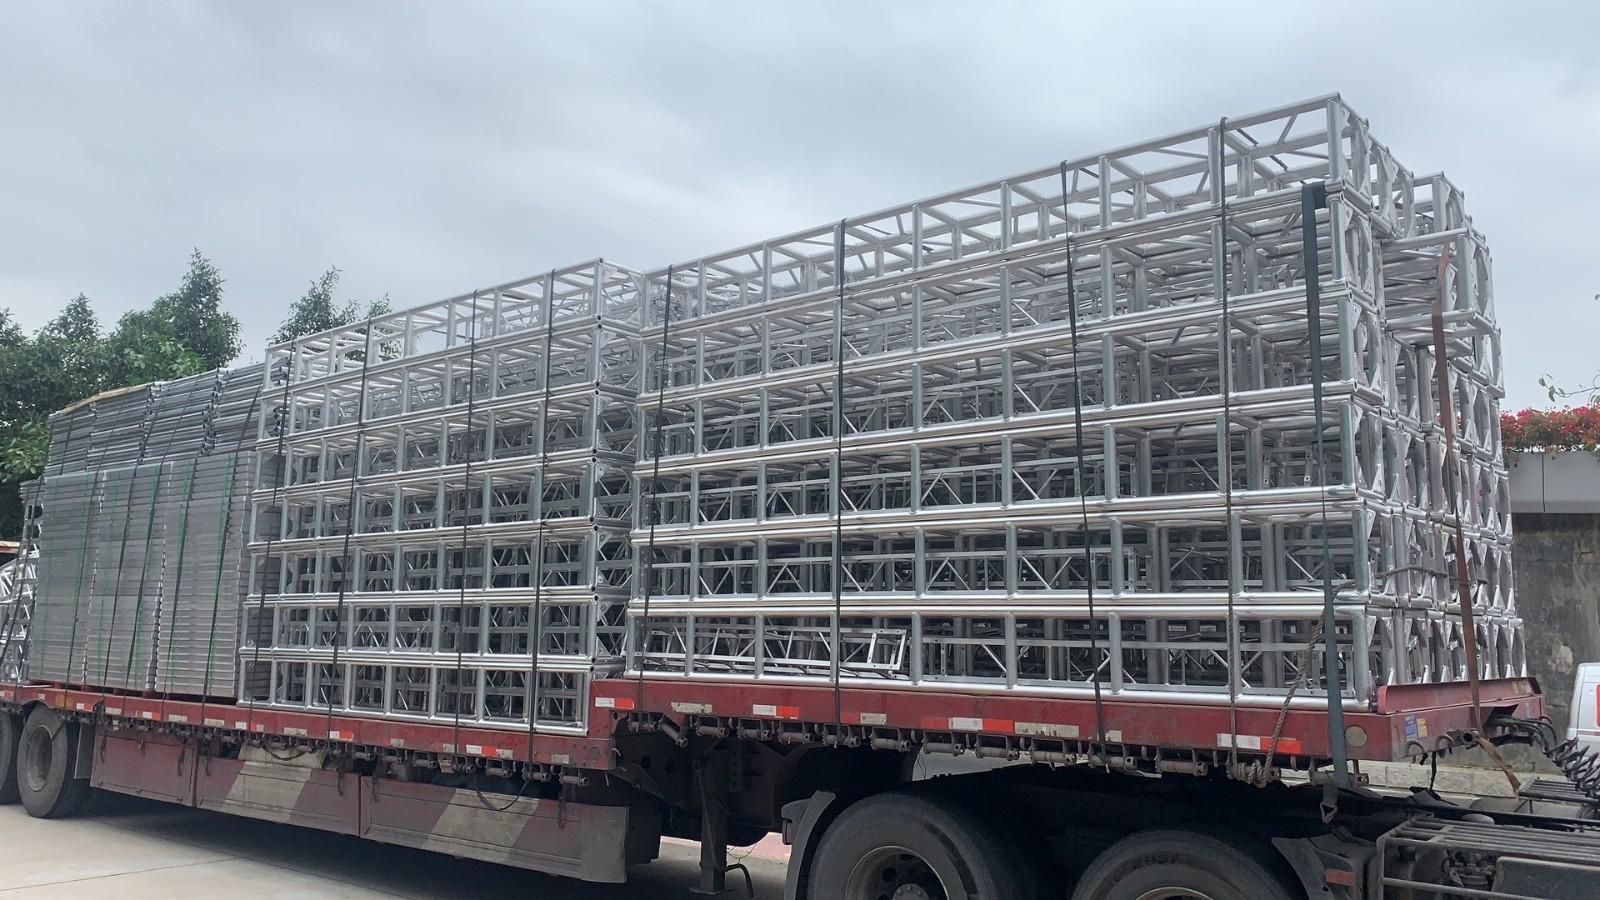 泉州桁架批发 定做舞台桁架 太空架出售 定制太空架 七天舞台厂家批发 厂家直销